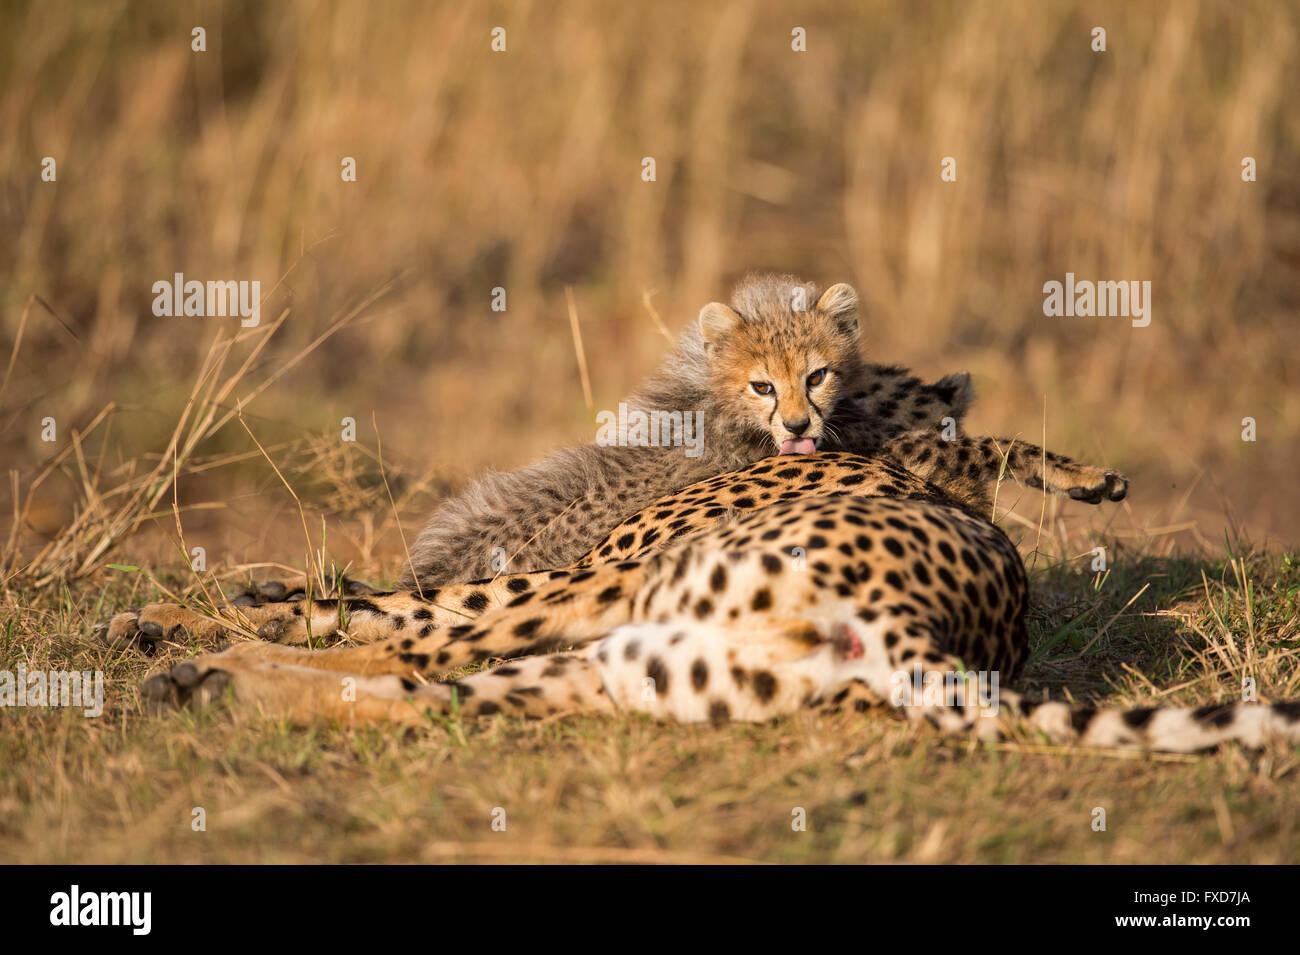 Madre y cachorros de guepardo (Acinonyx jubatus) descansando en una pradera en Masai Mara, Kenya Foto de stock